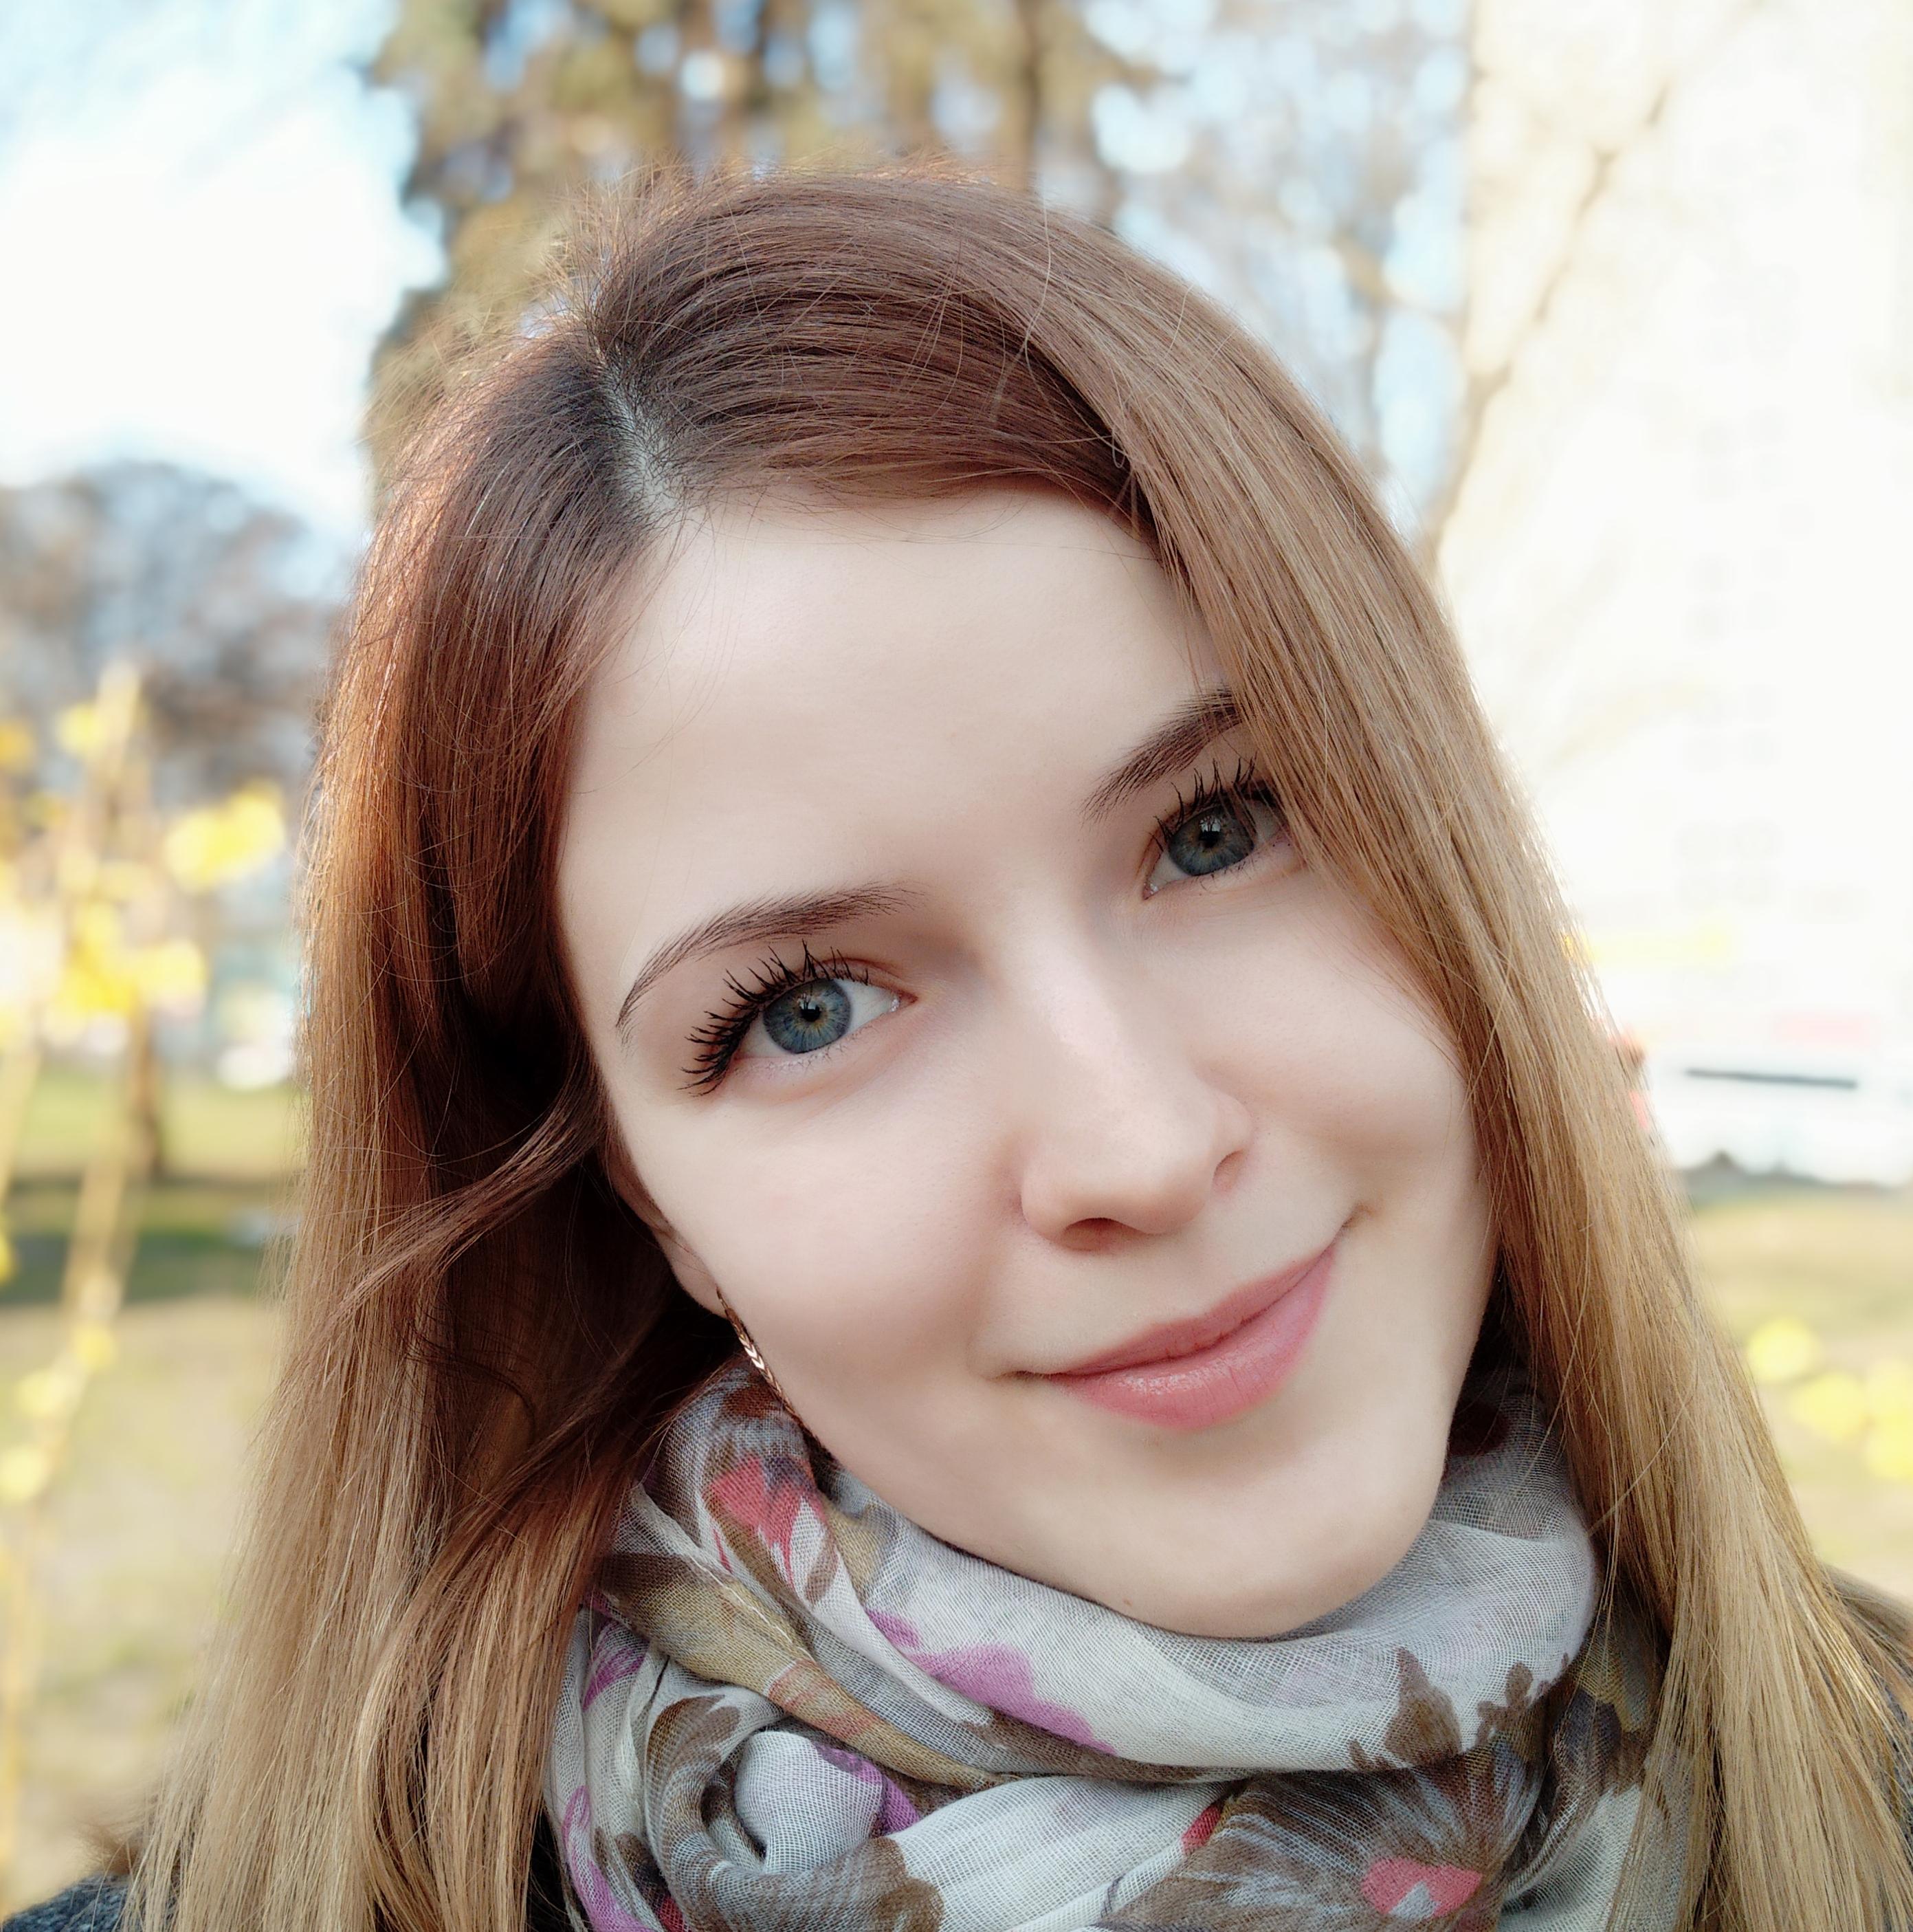 Olha Boiko